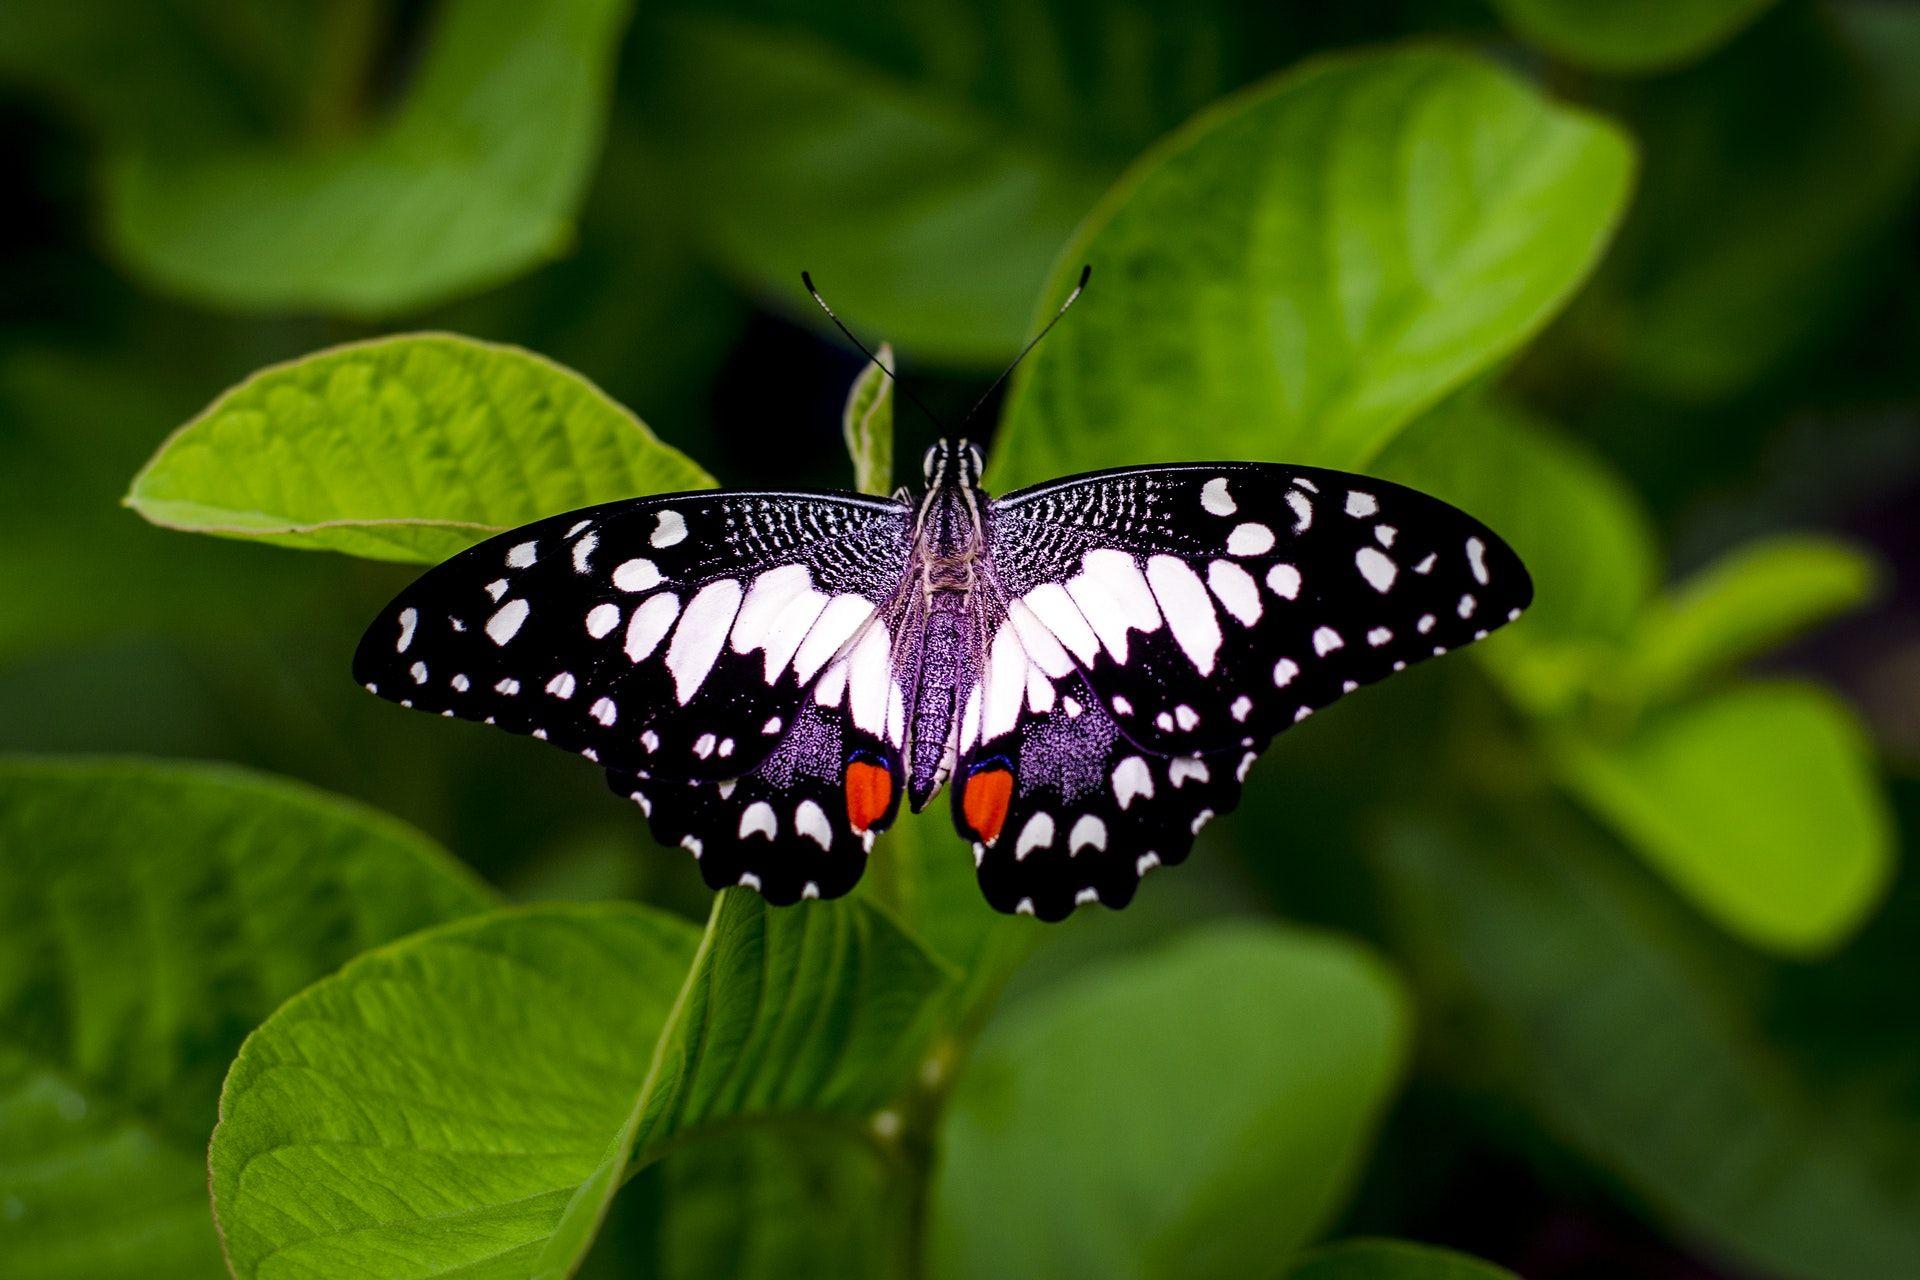 عکس زمینه کلوزآپ از یک پروانه پس زمینه